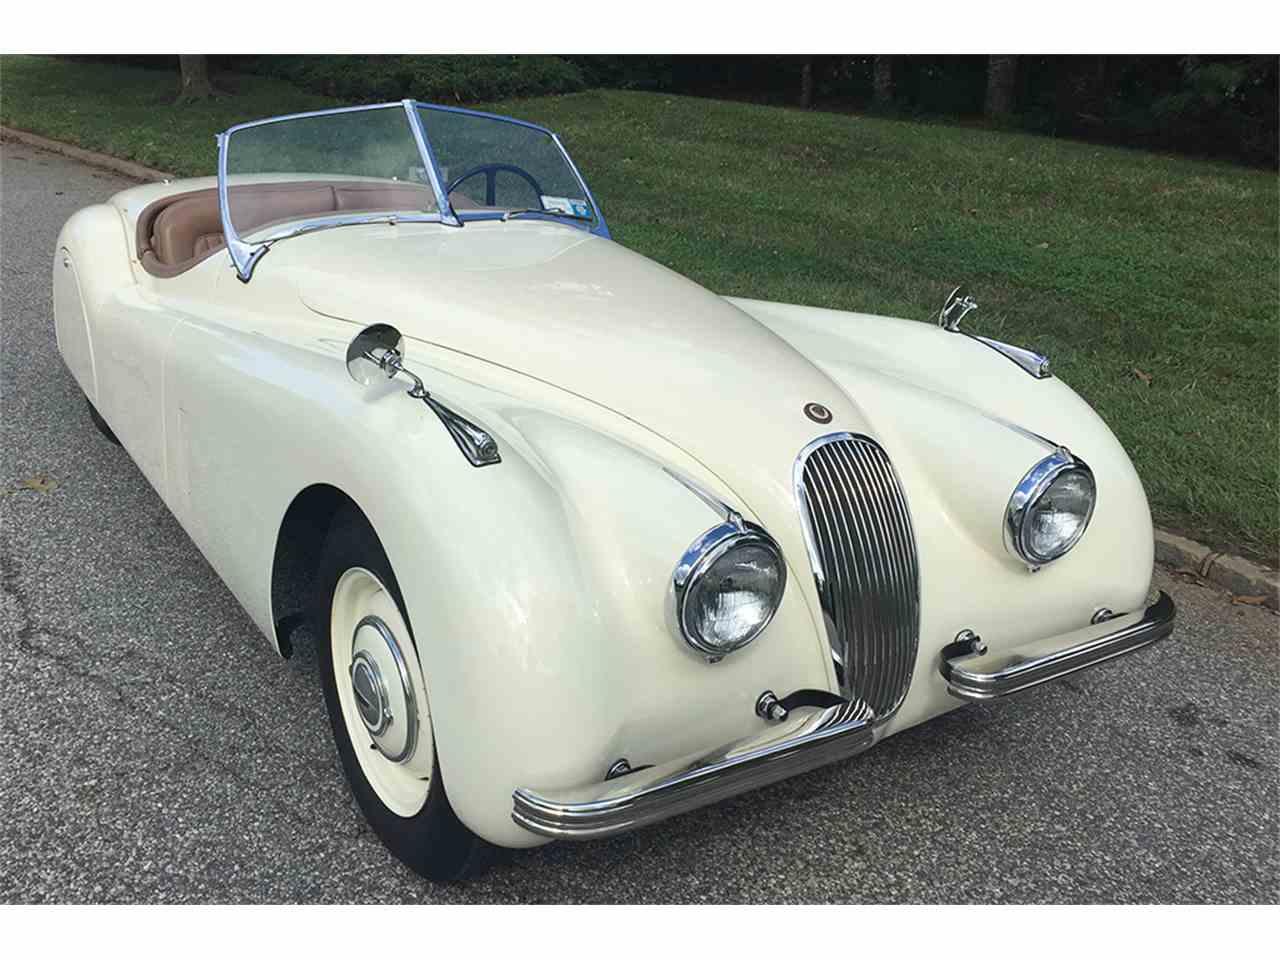 ots market classic pin sale for jaguar xk driver